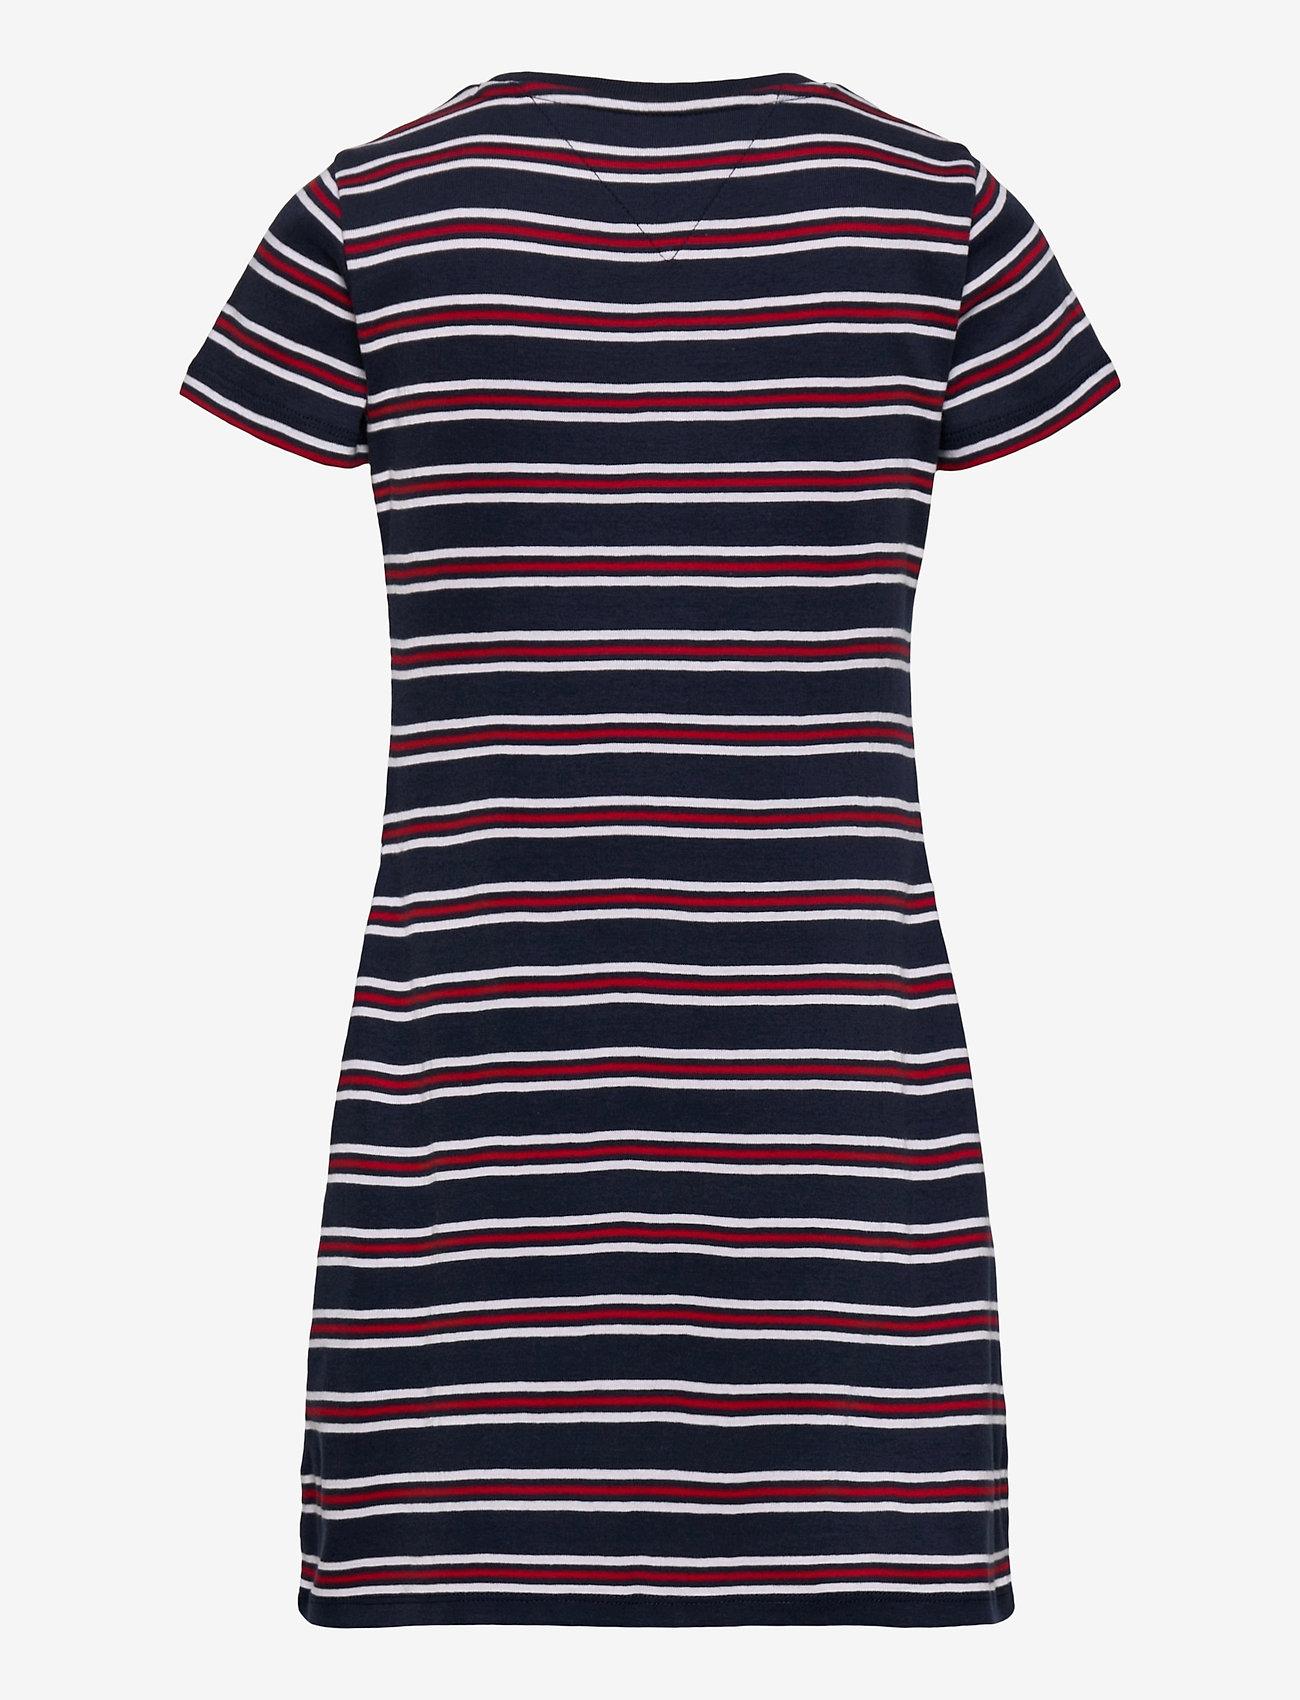 Tommy Hilfiger - STRIPE RIB DRESS S/S - kleider - white / navy stripes - 1